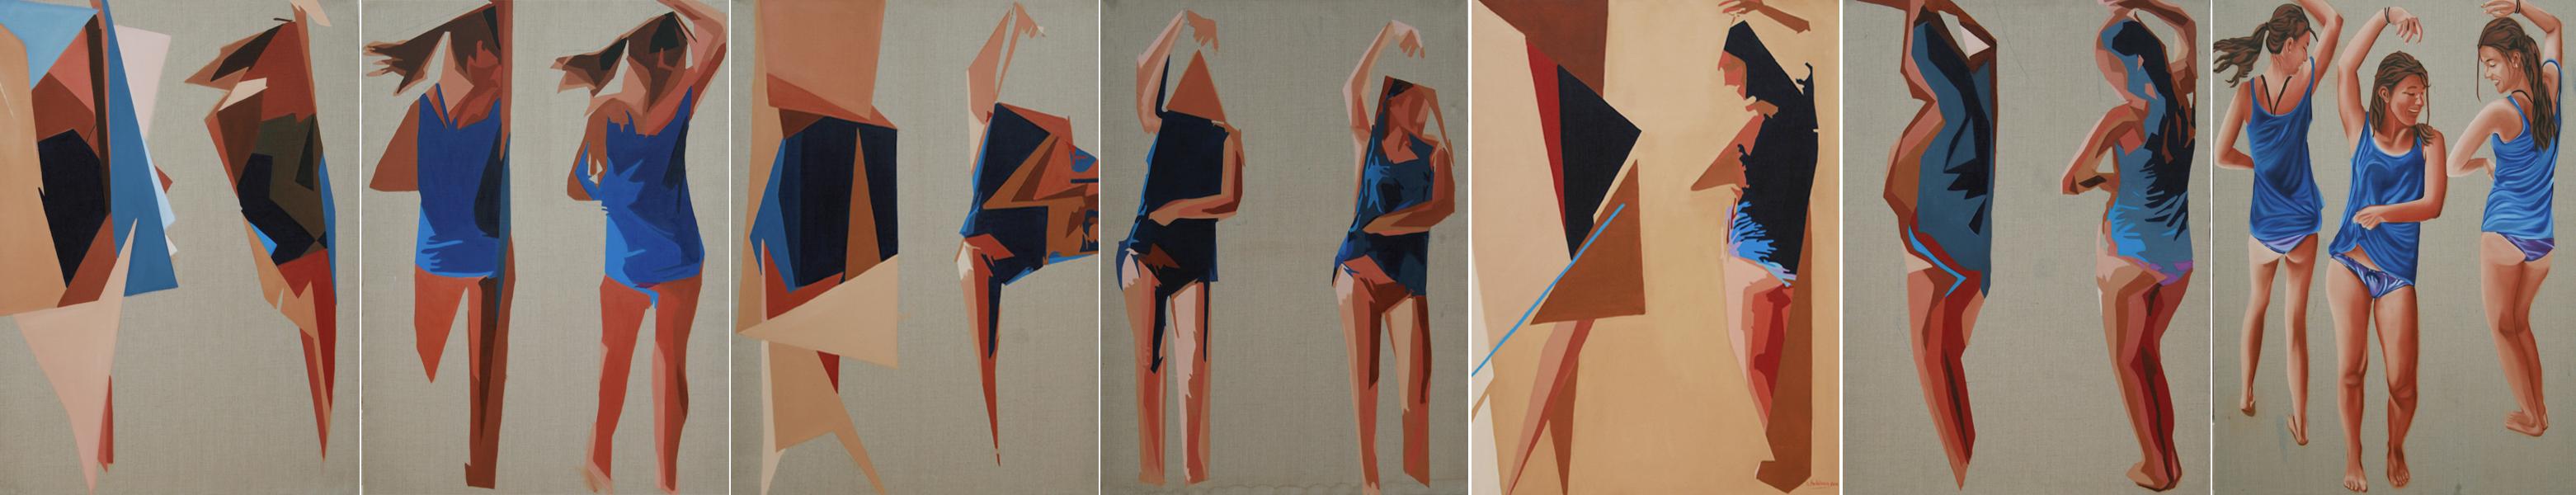 Danseuses septyptique - huile sur toile  6x 130 x 097 + 1x 146 x 114  -   2011